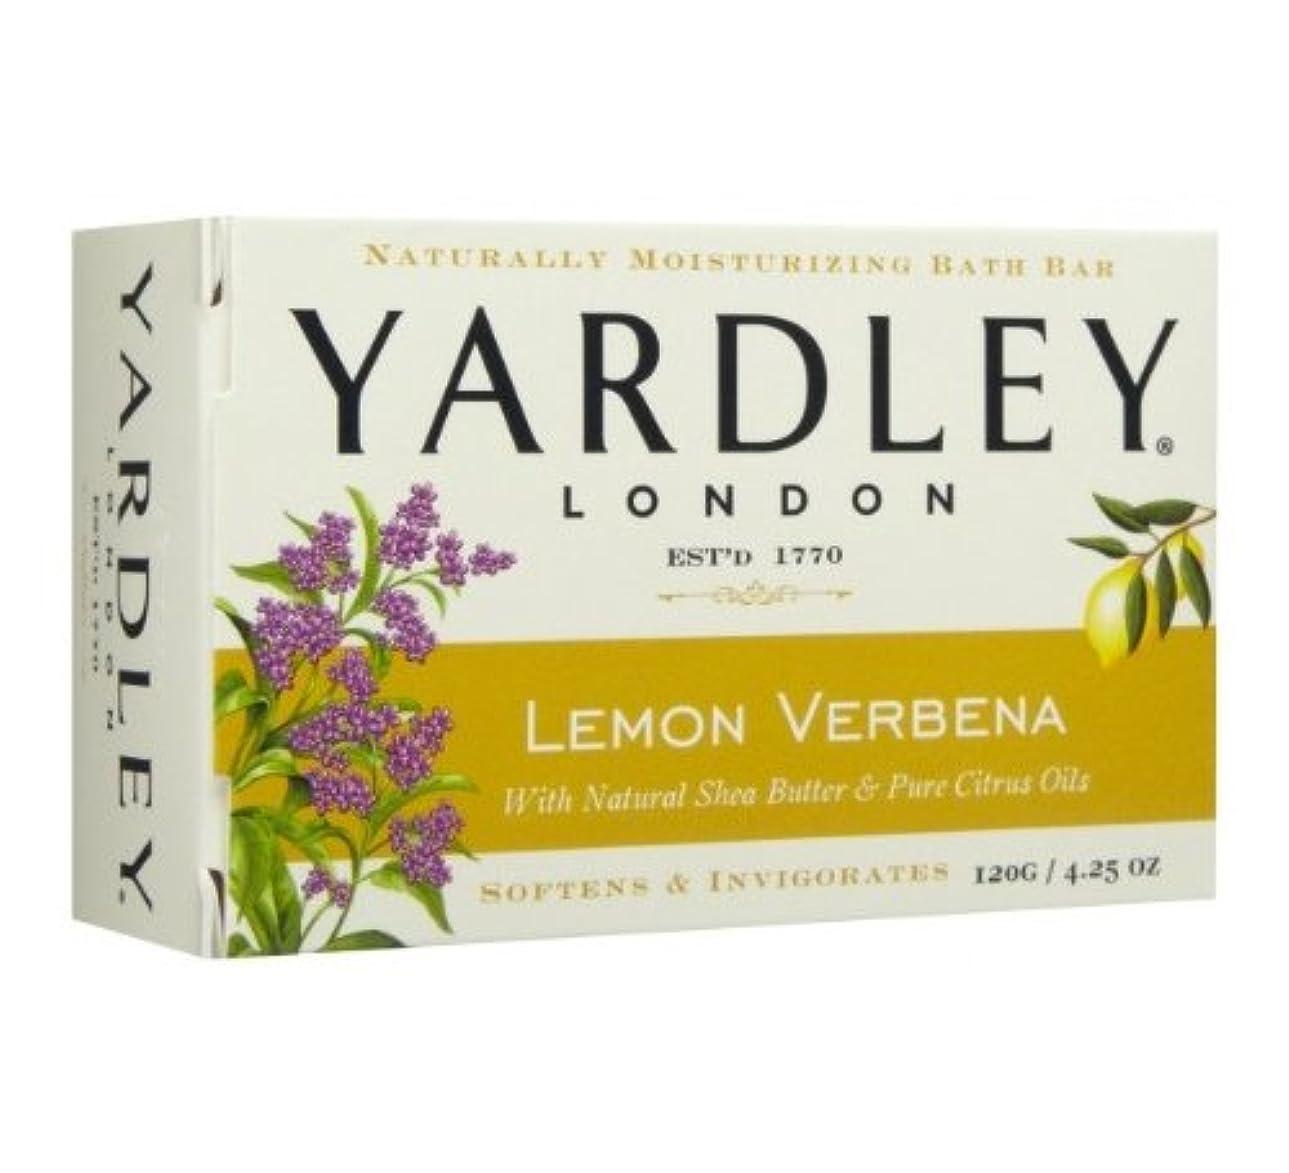 簡略化するホテルトラフィック【2個 ハワイ直送品】Yardley London Lemon Verbena Moisturizing Bath Bar ヤードリー レモンバーベナ ソープ 120g